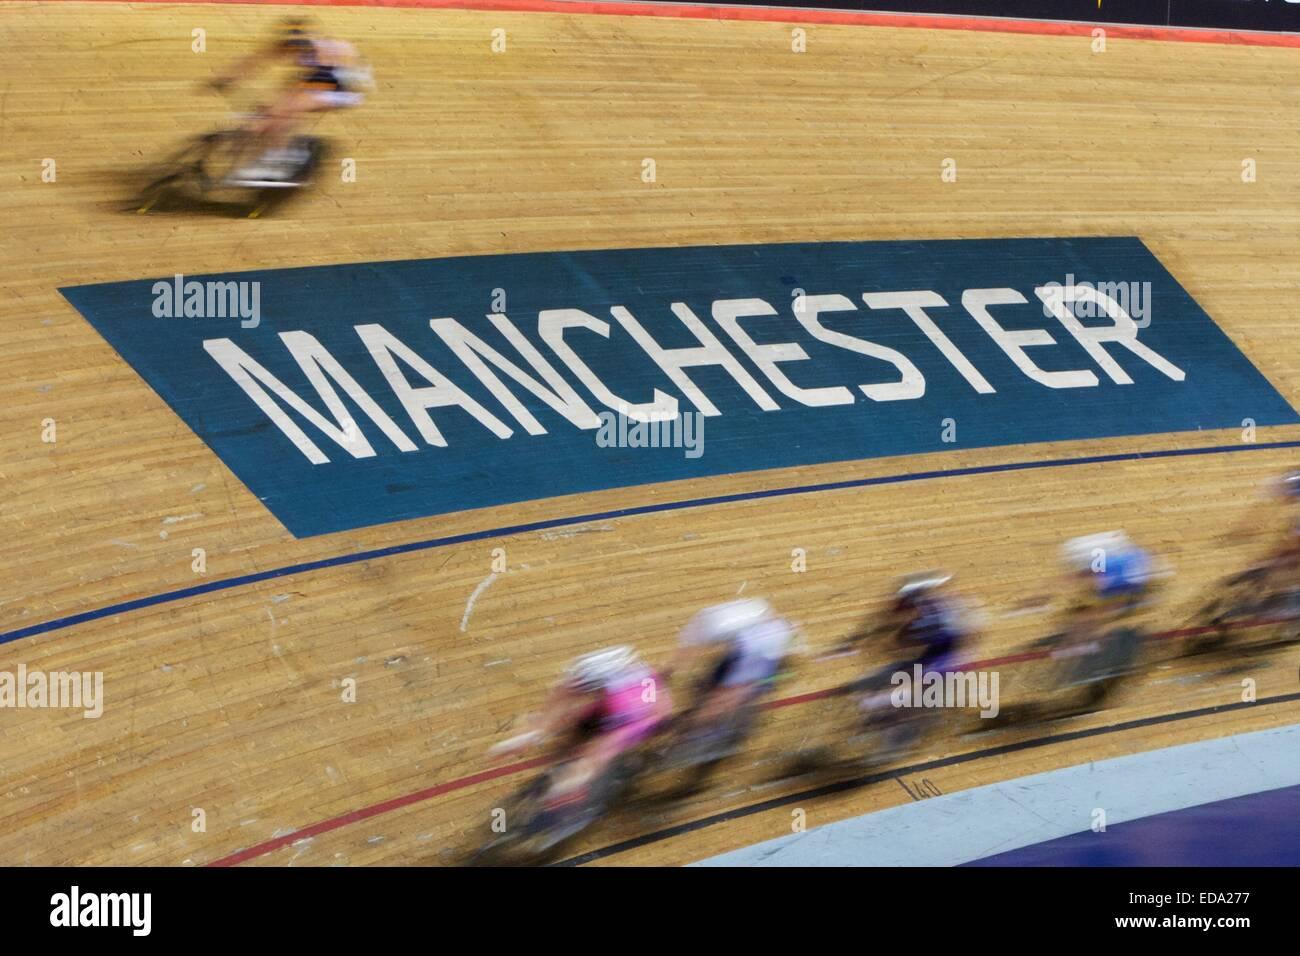 Manchester, UK. 3. Januar 2015. Revolution-Serie Radfahren. Geschwindigkeit blur Bild der Fahrer in Aktion. Bildnachweis: Stockbild